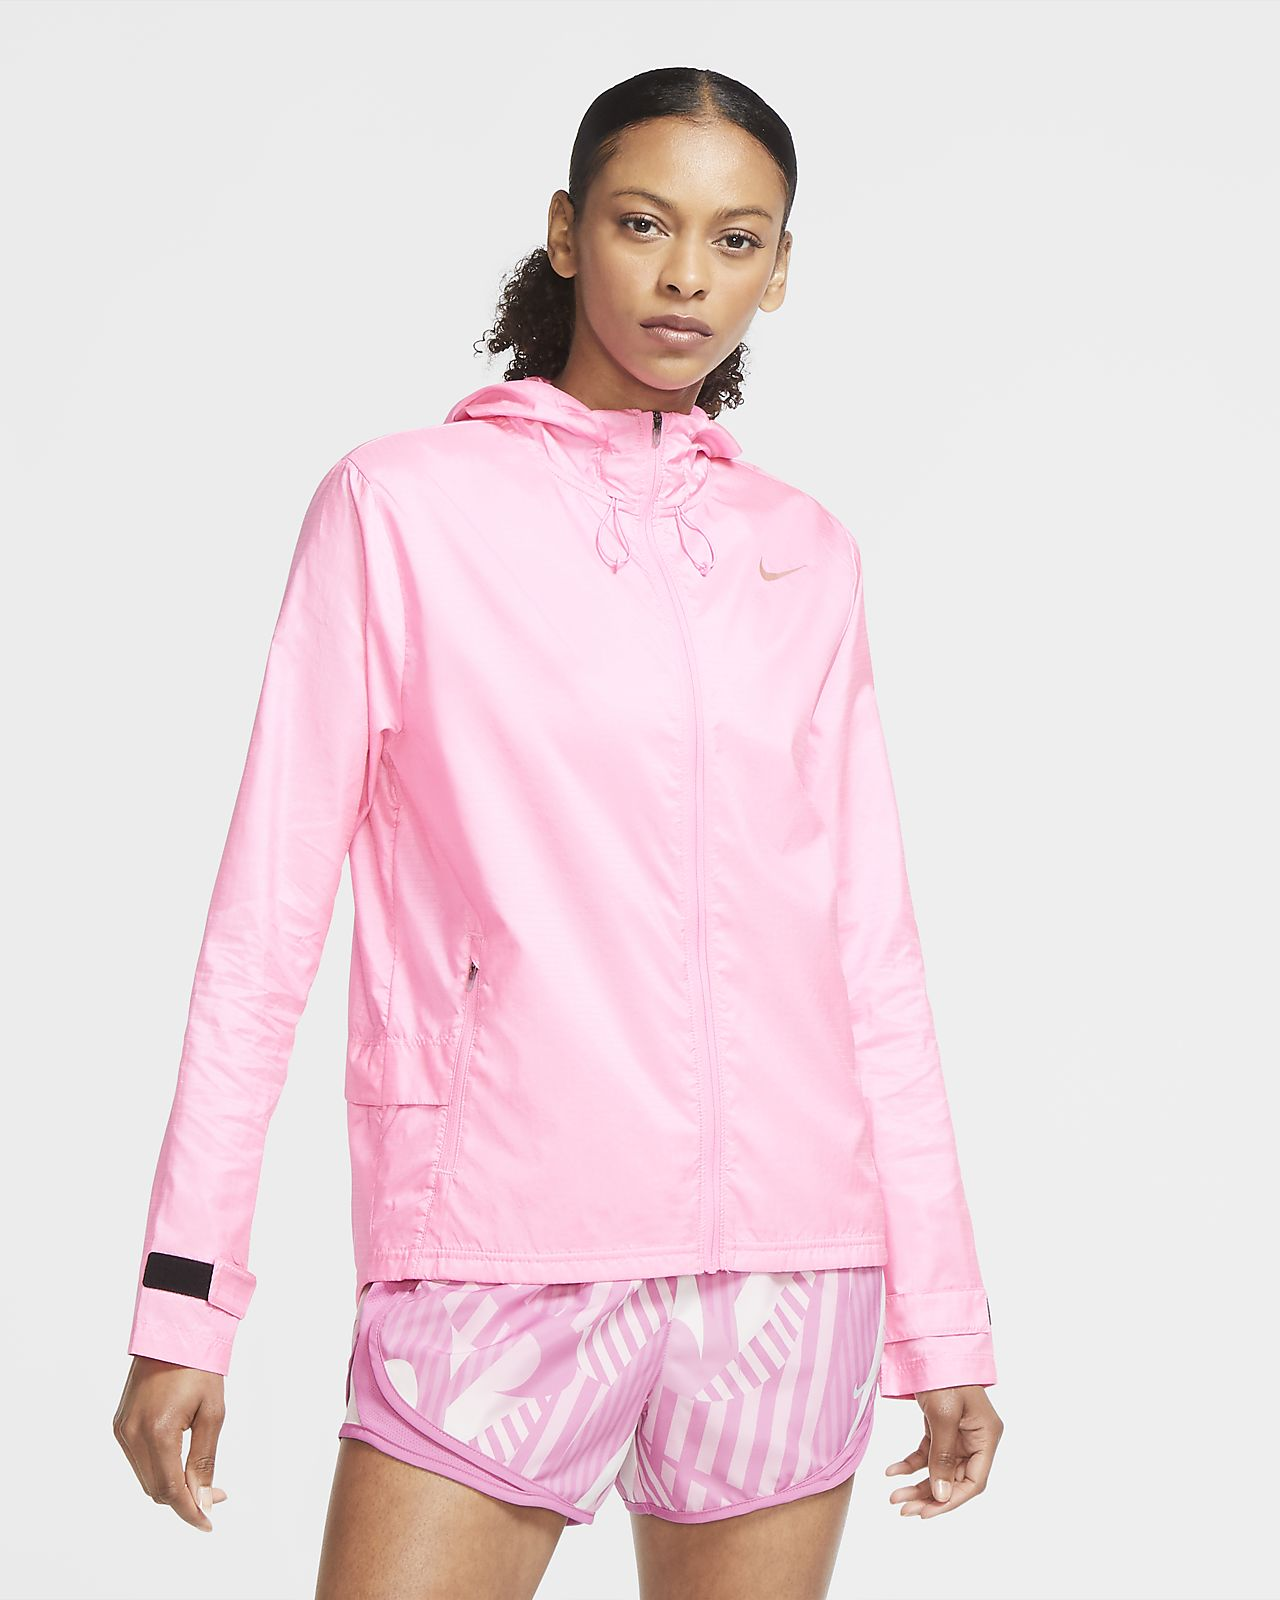 Löparjacka Nike Essential för kvinnor